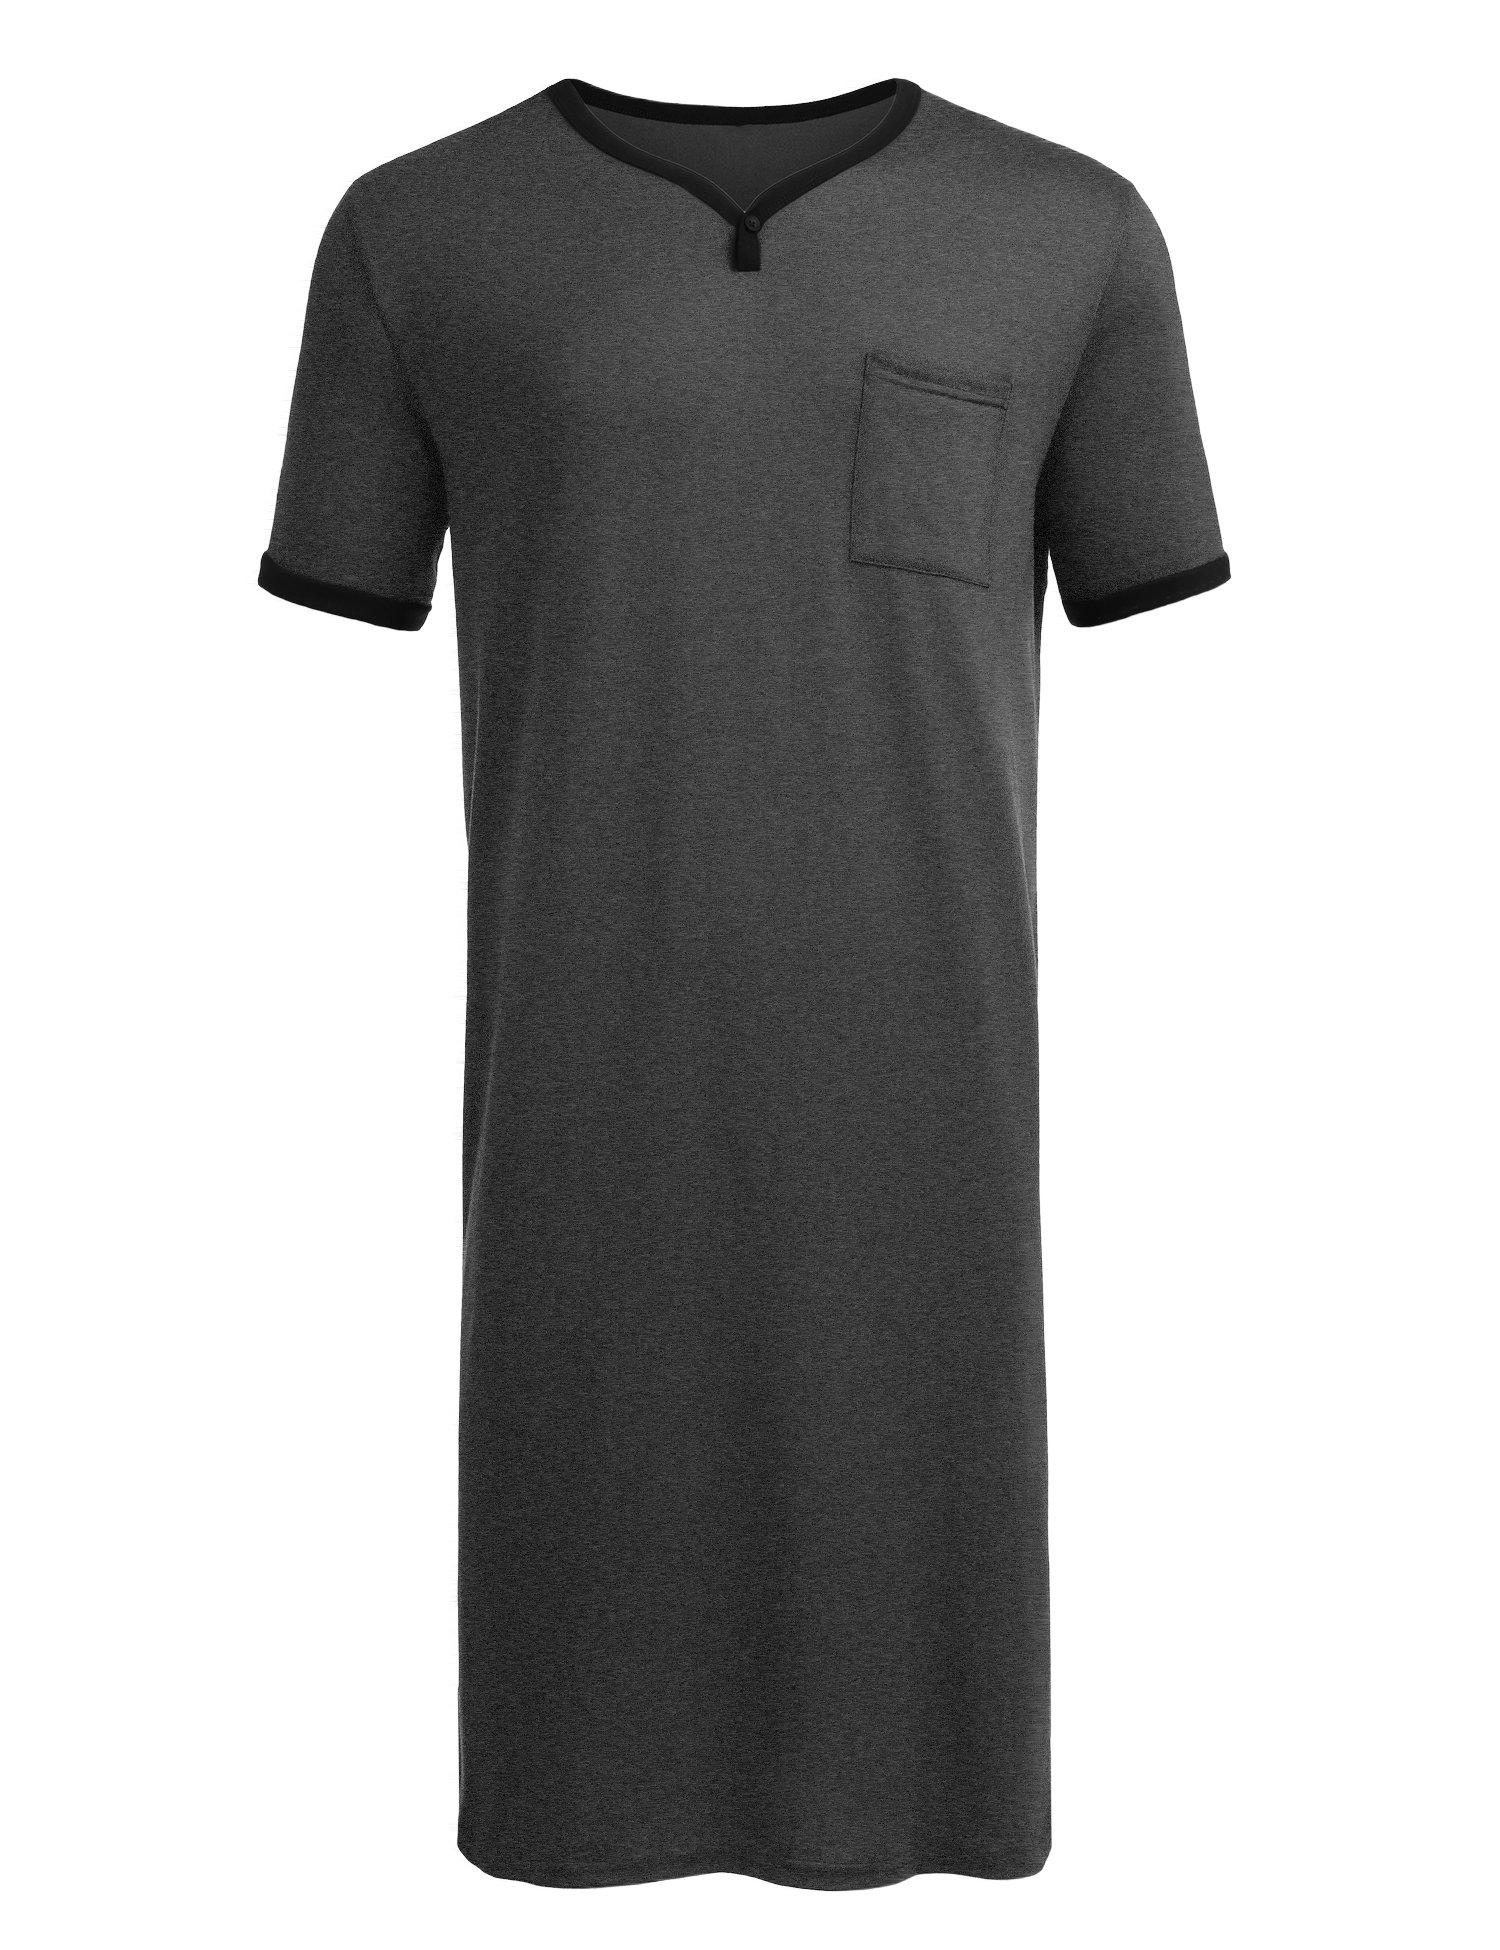 Luxilooks Men's Nightshirt Cotton Sleep Shirt Comfy Mightwear Short Sleeve HenleyLoungewear (Dark Grey1, XX-Large)